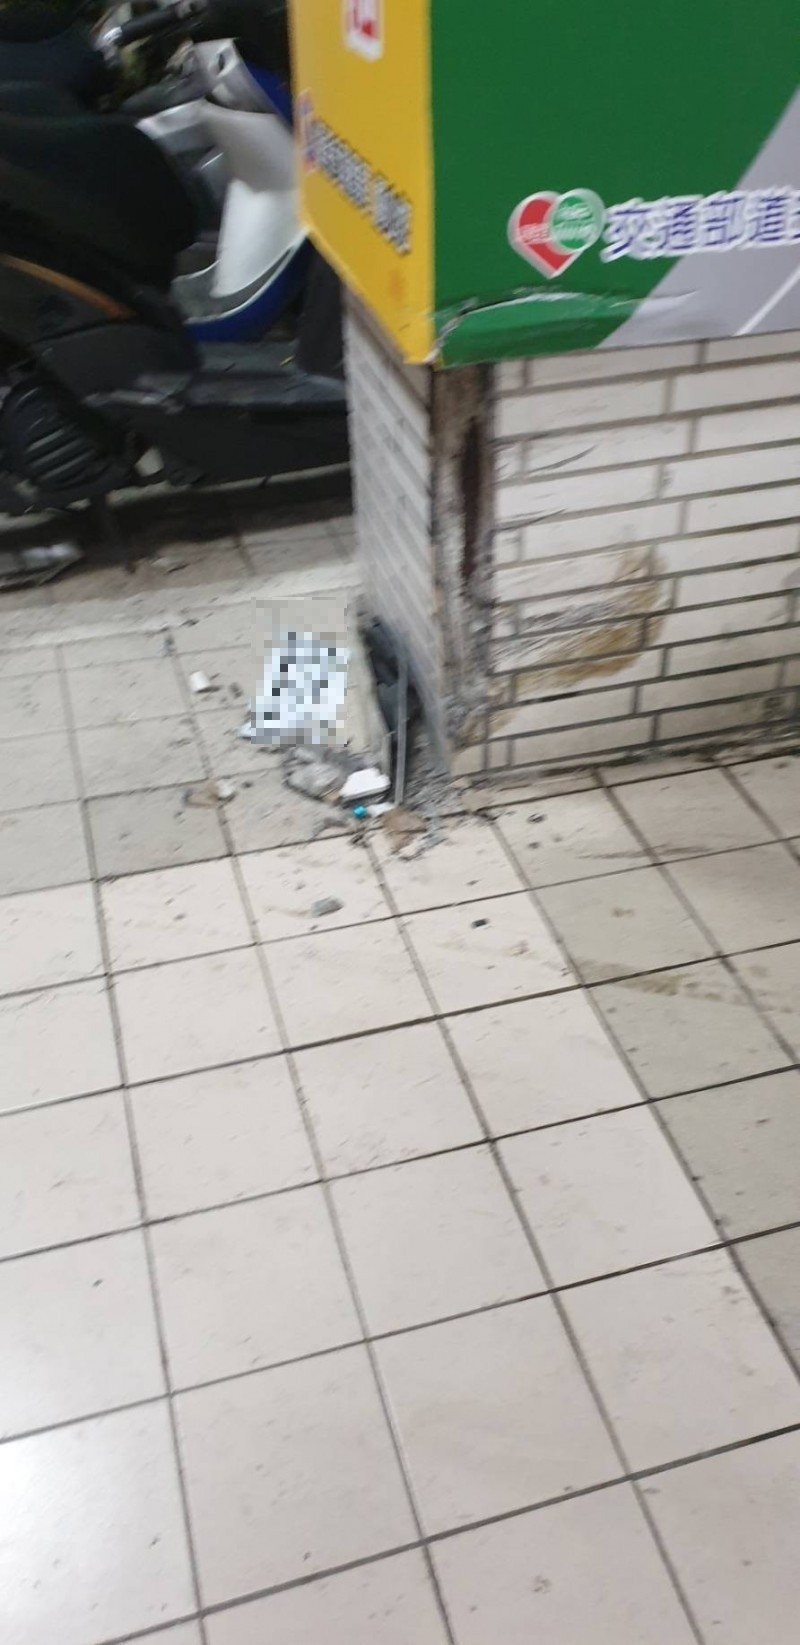 交通隊大門門柱磁磚被撞脫落。(記者林嘉東翻攝)